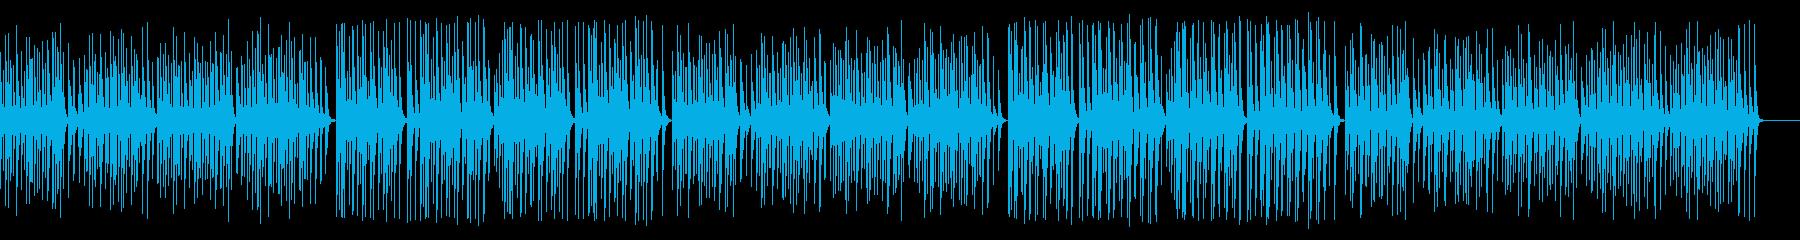 解説や料理番組に合う木琴レトロジャズの再生済みの波形